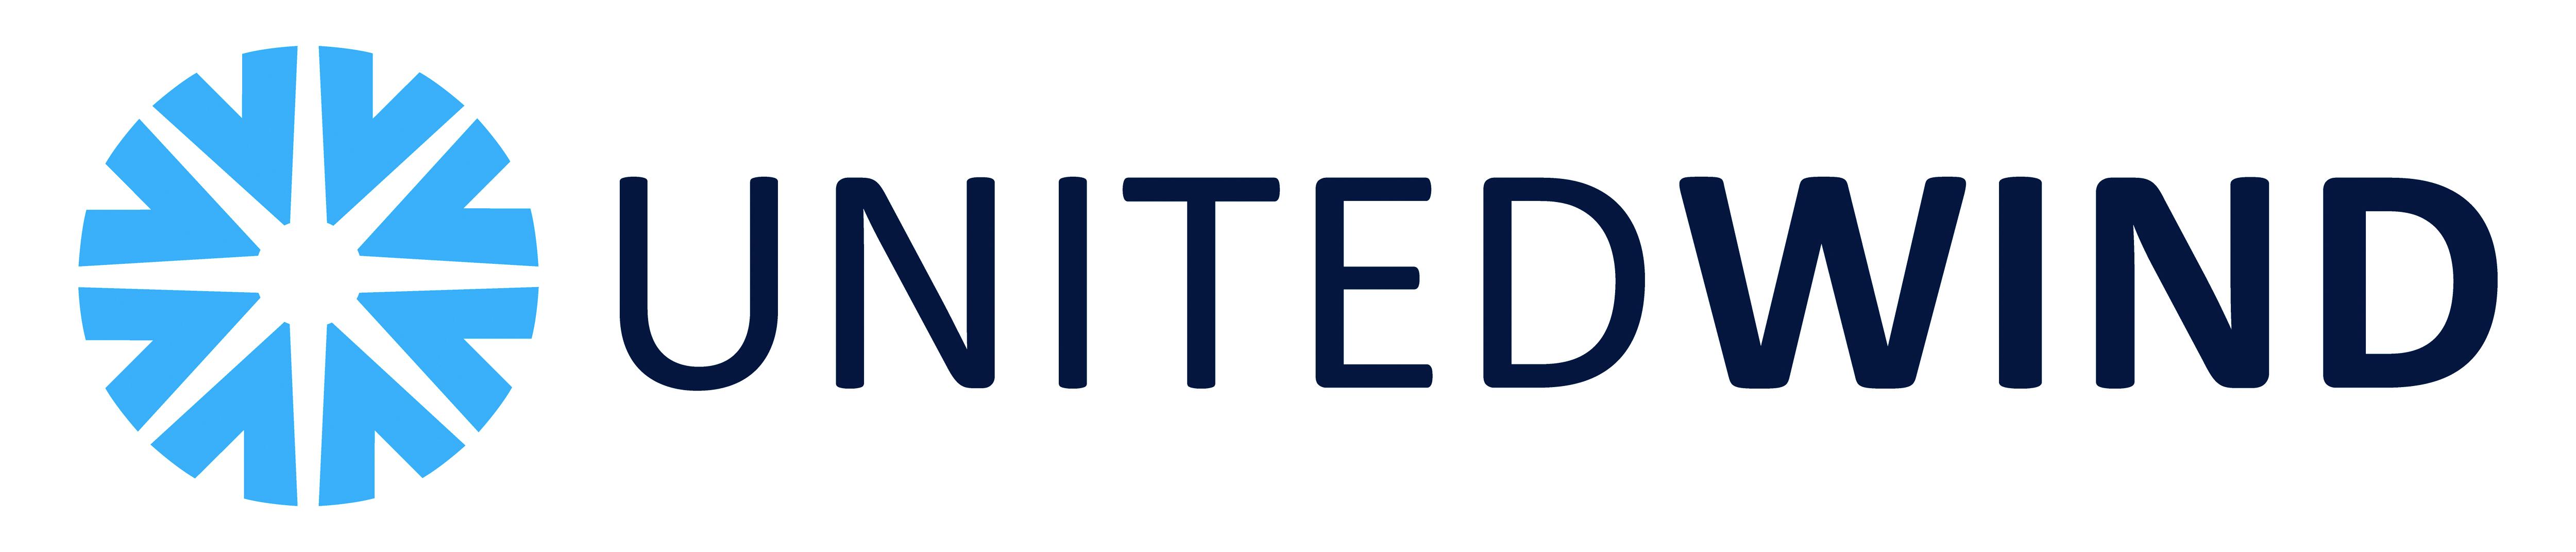 United Wind